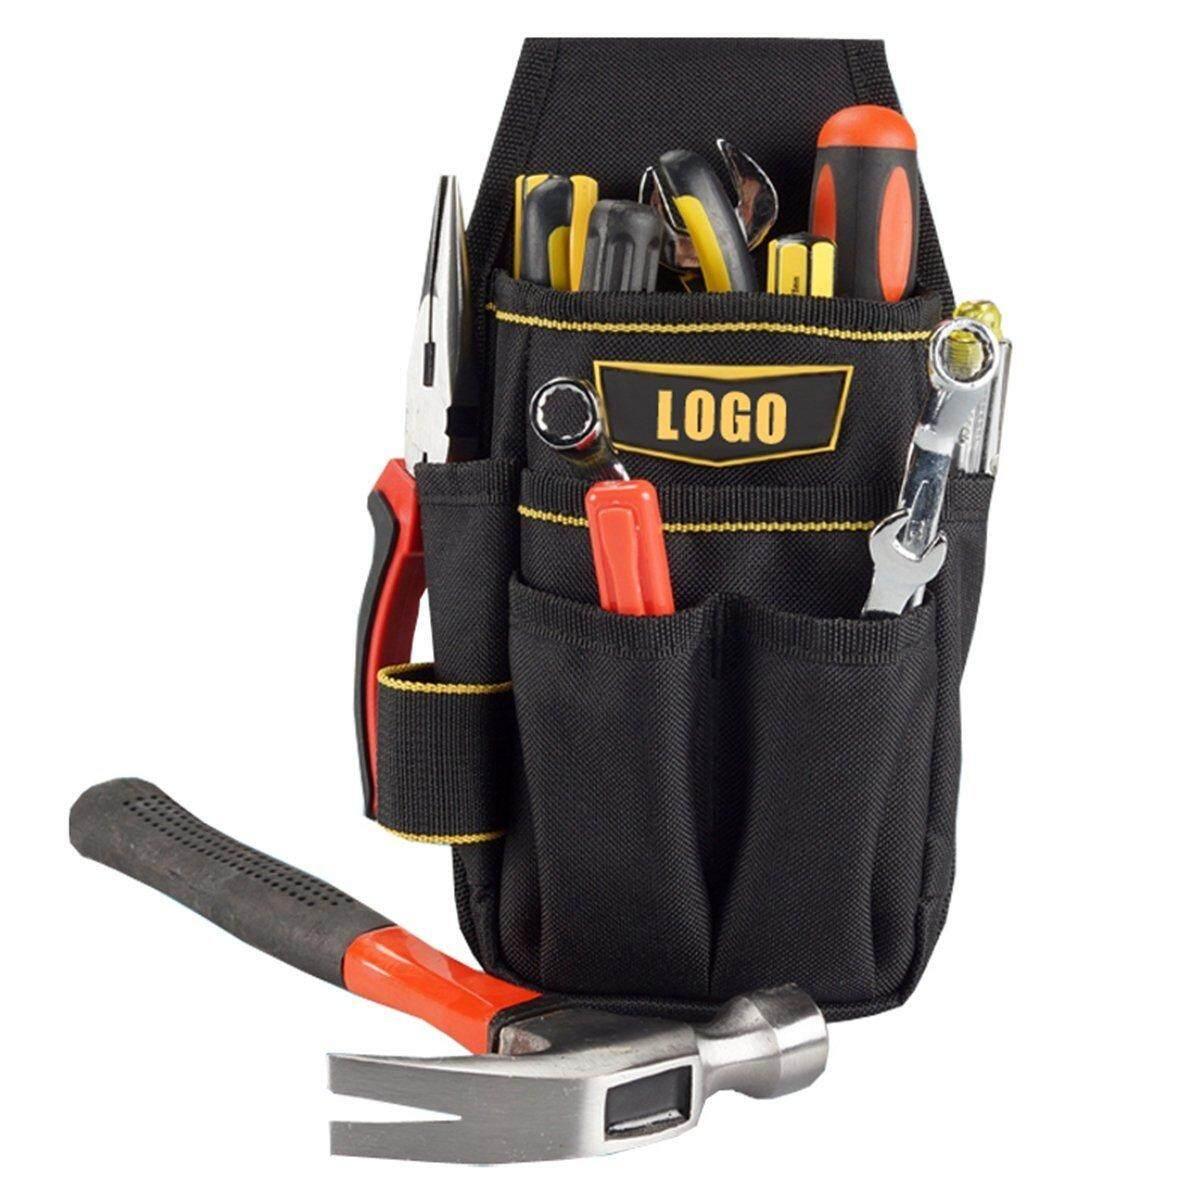 ราคา Jvgood Hardware Tool Kit Bag Waist Pocket Tool Bag For Tool Collection ใหม่